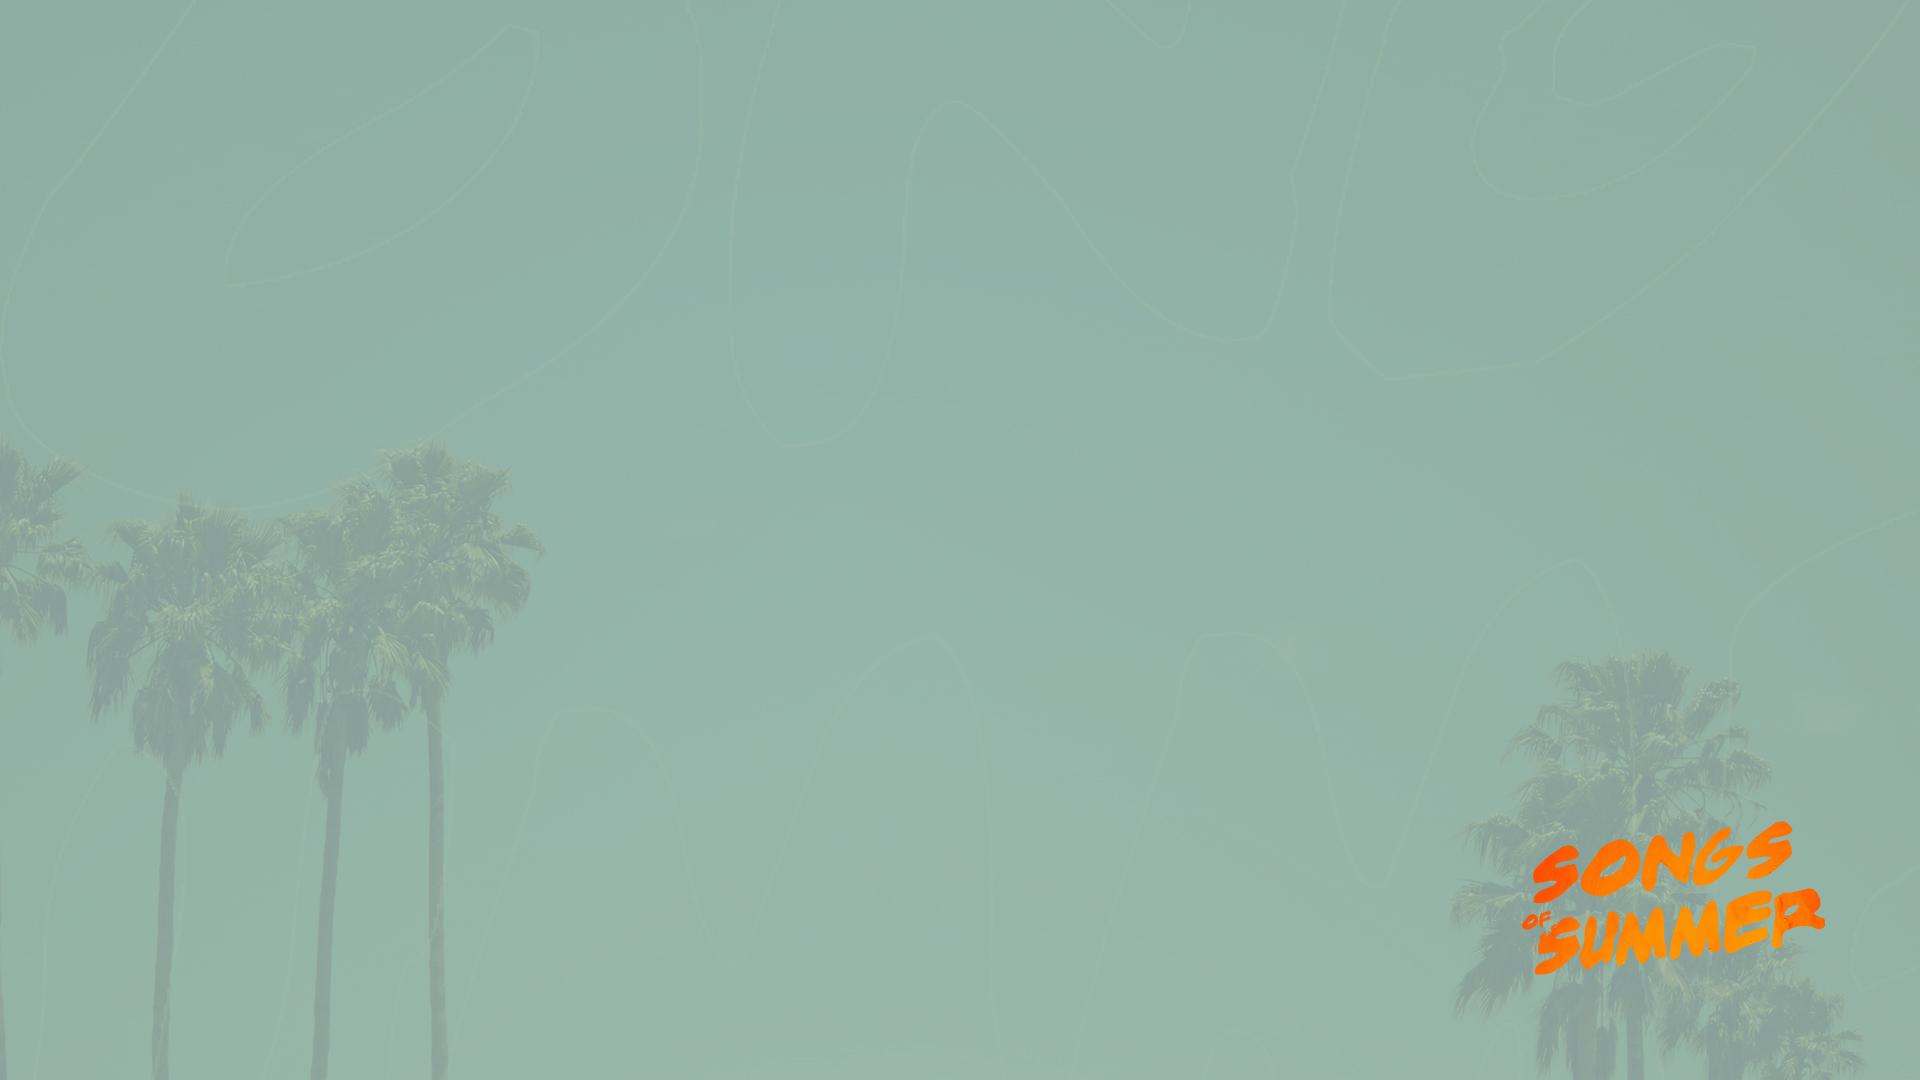 Songs of Summer Notes Slide.jpg